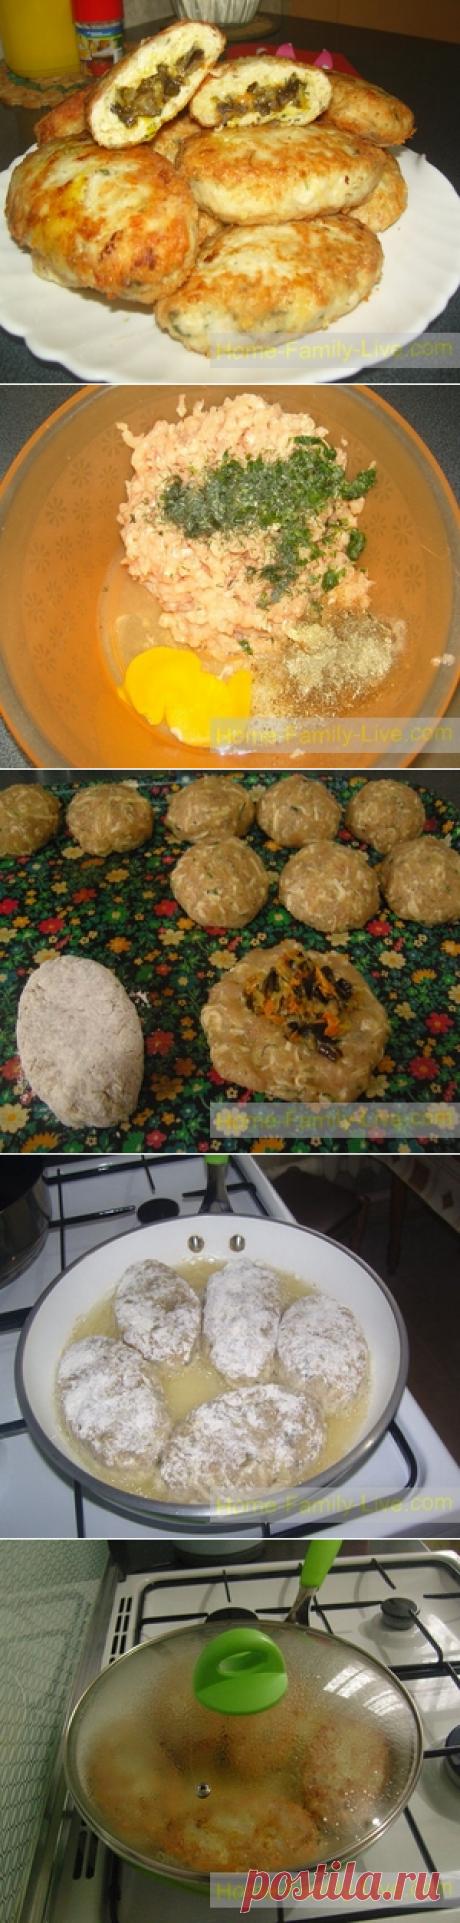 Котлеты с начинкой - пошаговый рецепт зразы с грибамиКулинарные рецепты